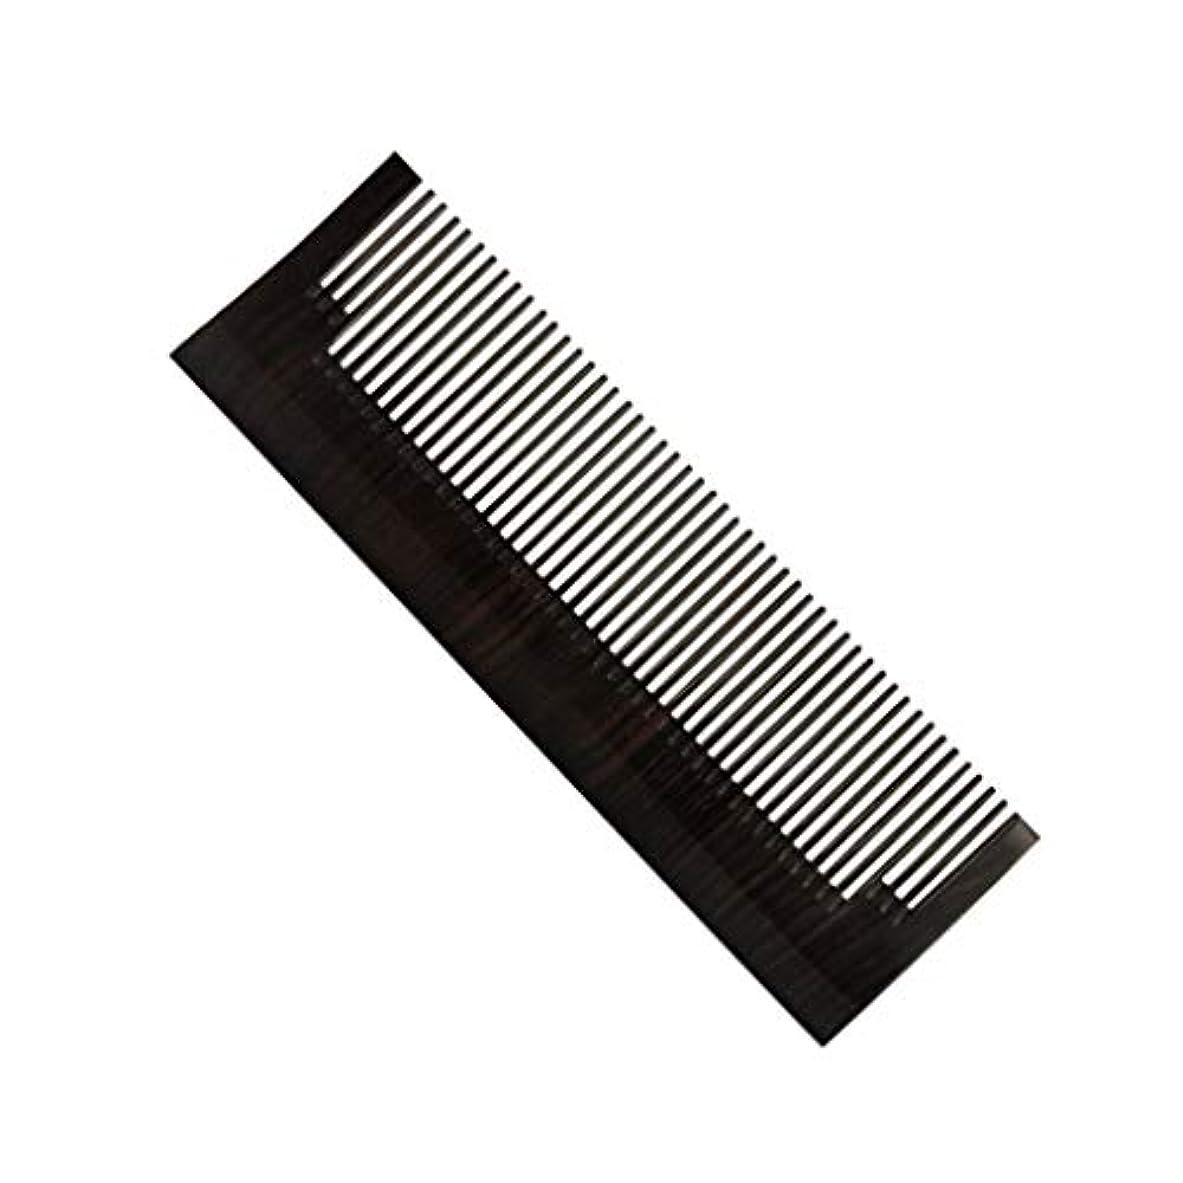 私たちのものクリップ蝶長さLIGONG ナチュラルサンダル木製くしヘアケア帯電防止マッサージ手作りブラシひげくし黒檀メンズくしポータブルポータブルギフト2サイズ (サイズ さいず : A-13.4*4*0.7cm)